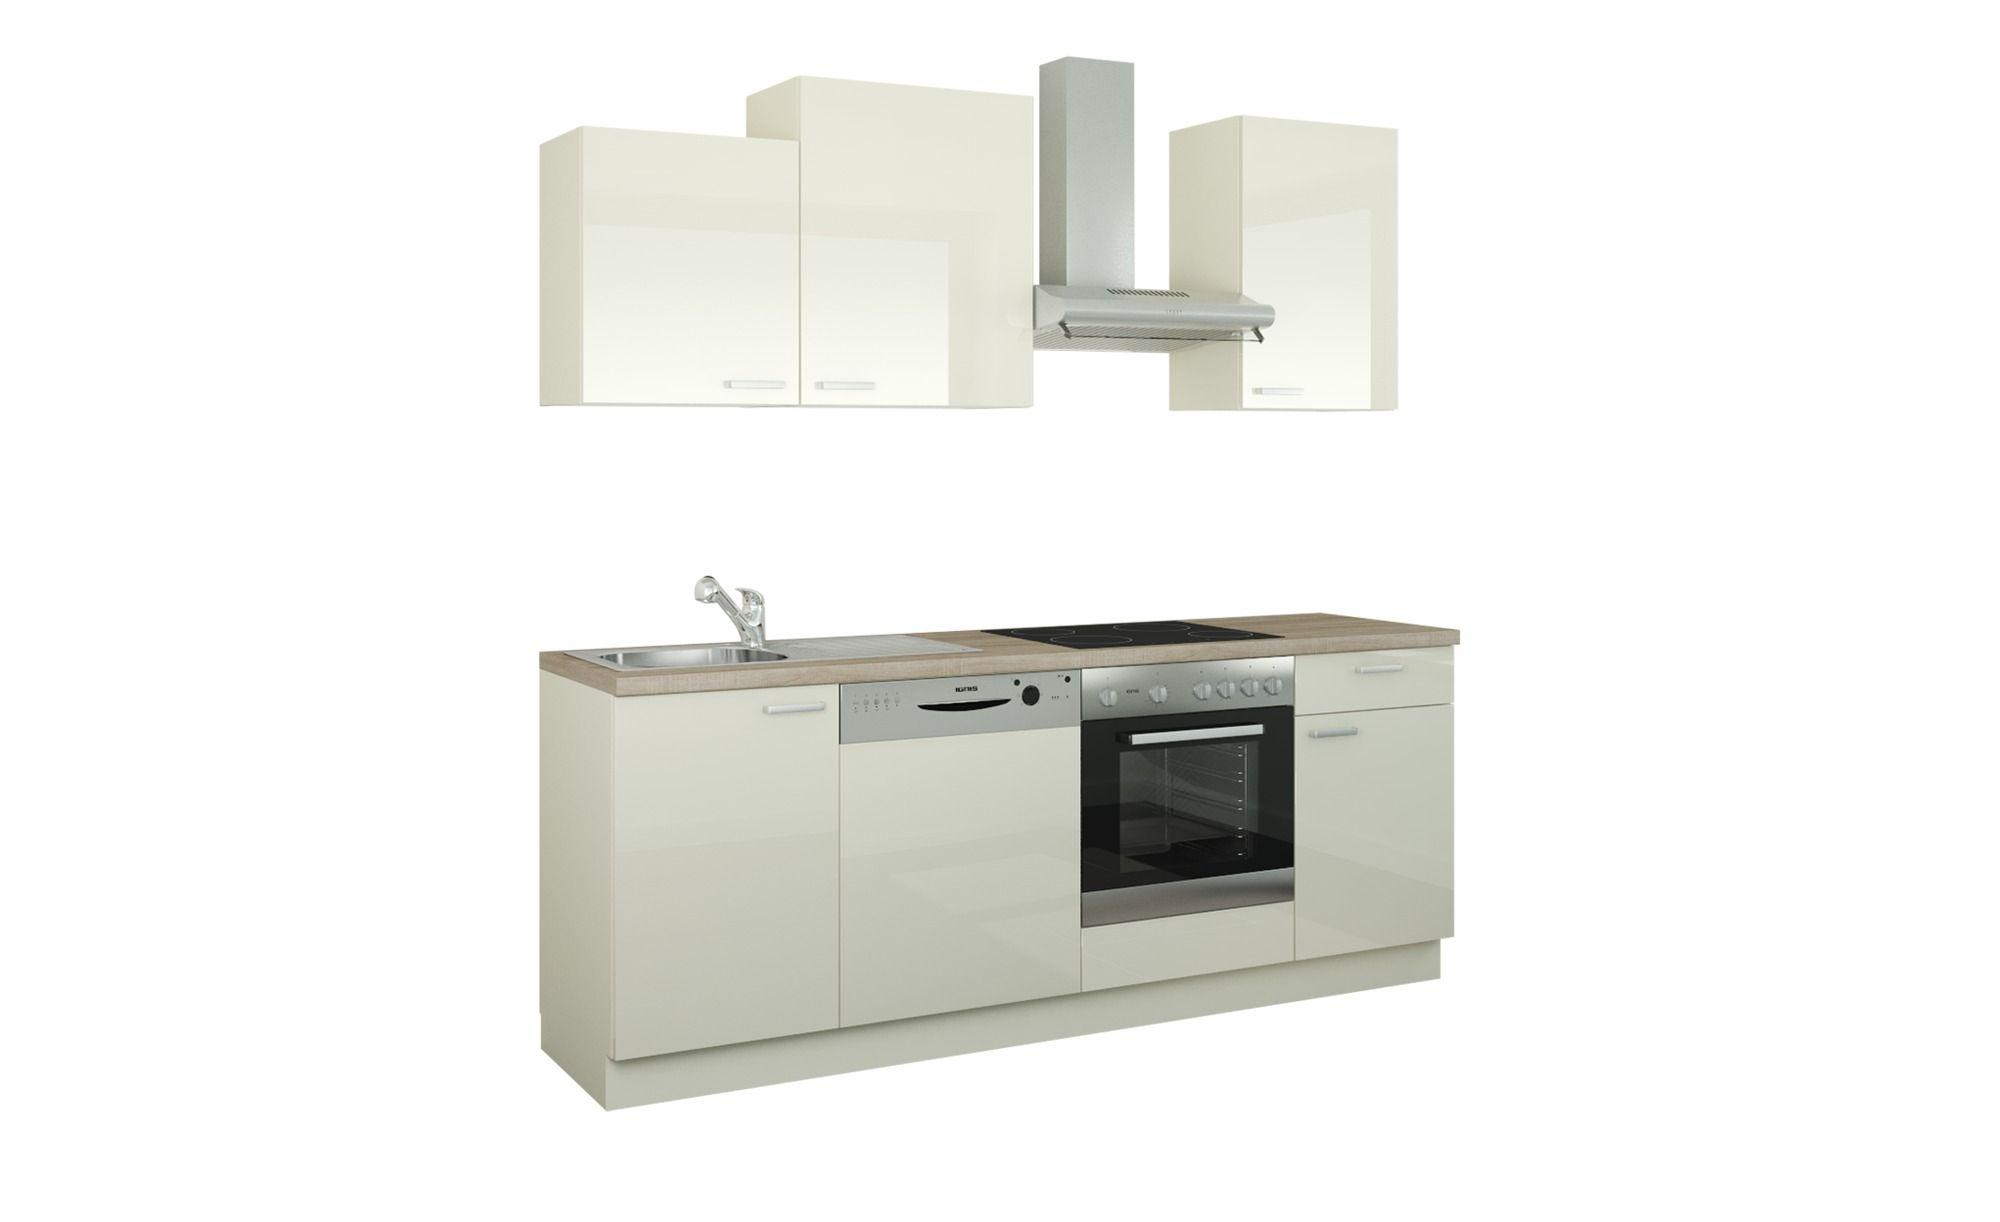 Hffner kchen erfahrungen lampe wohnzimmer moderne for Hoffner kuchen abverkauf